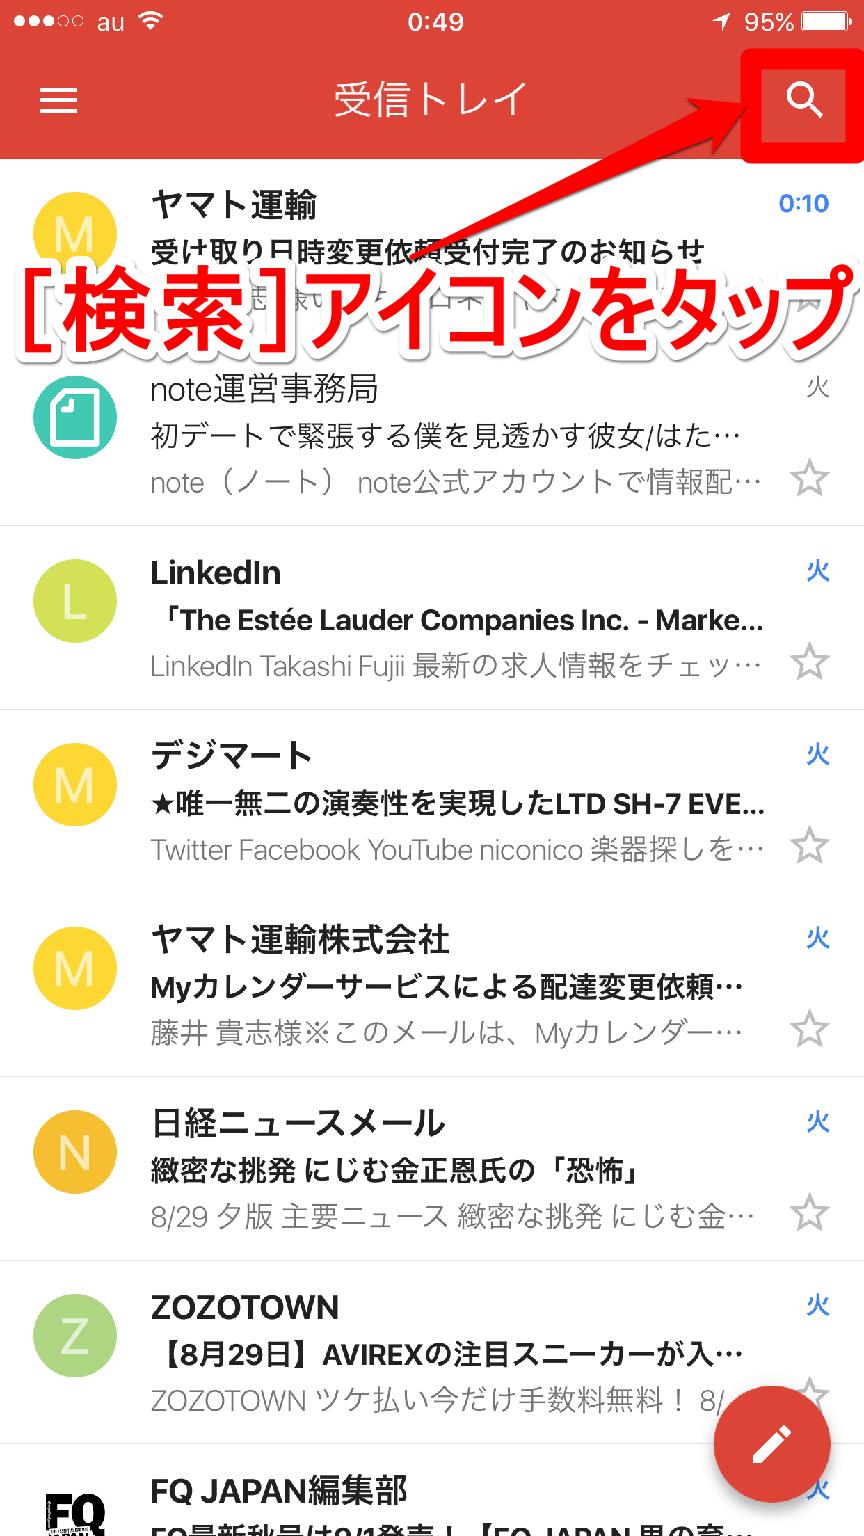 iPhone(アイフォン/アイフォーン)版Gmail(ジーメール)アプリの画面